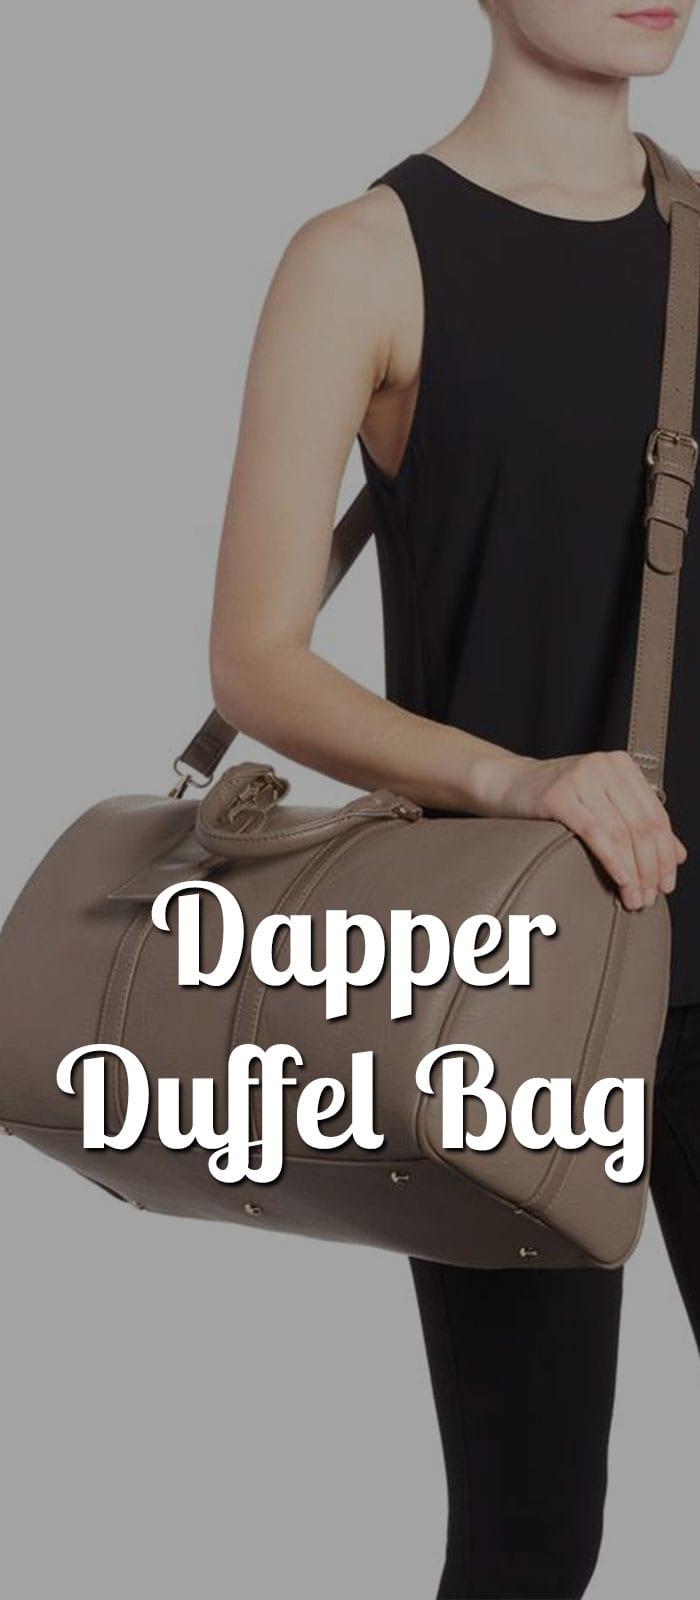 dapper duffel bags